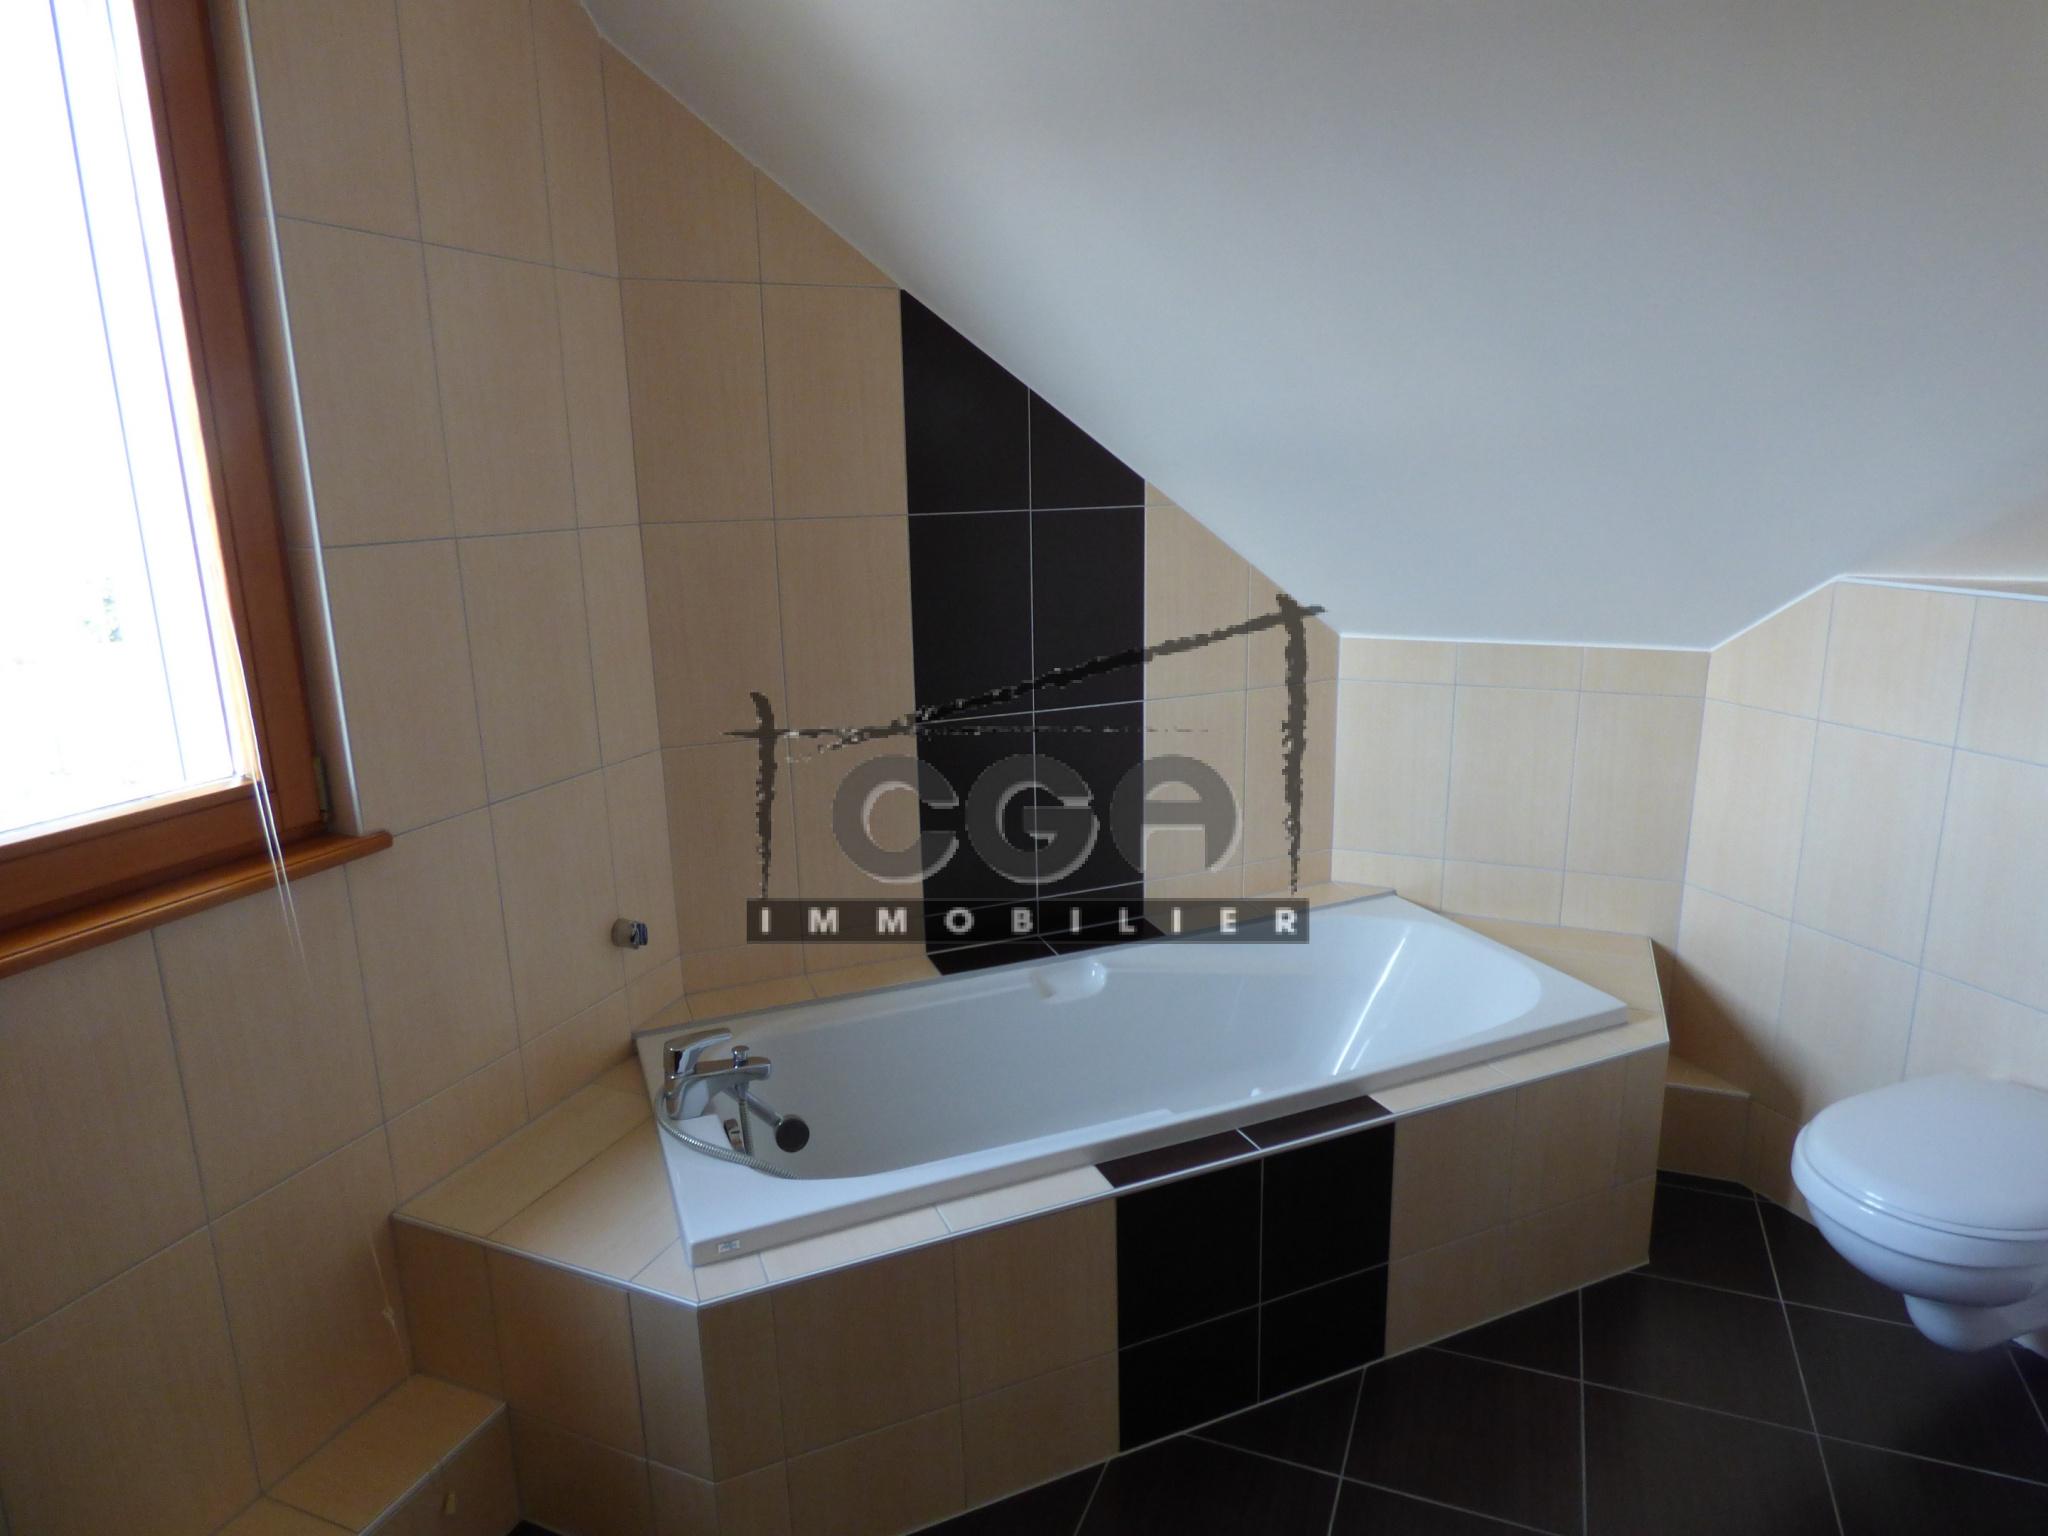 salle de bains equipee